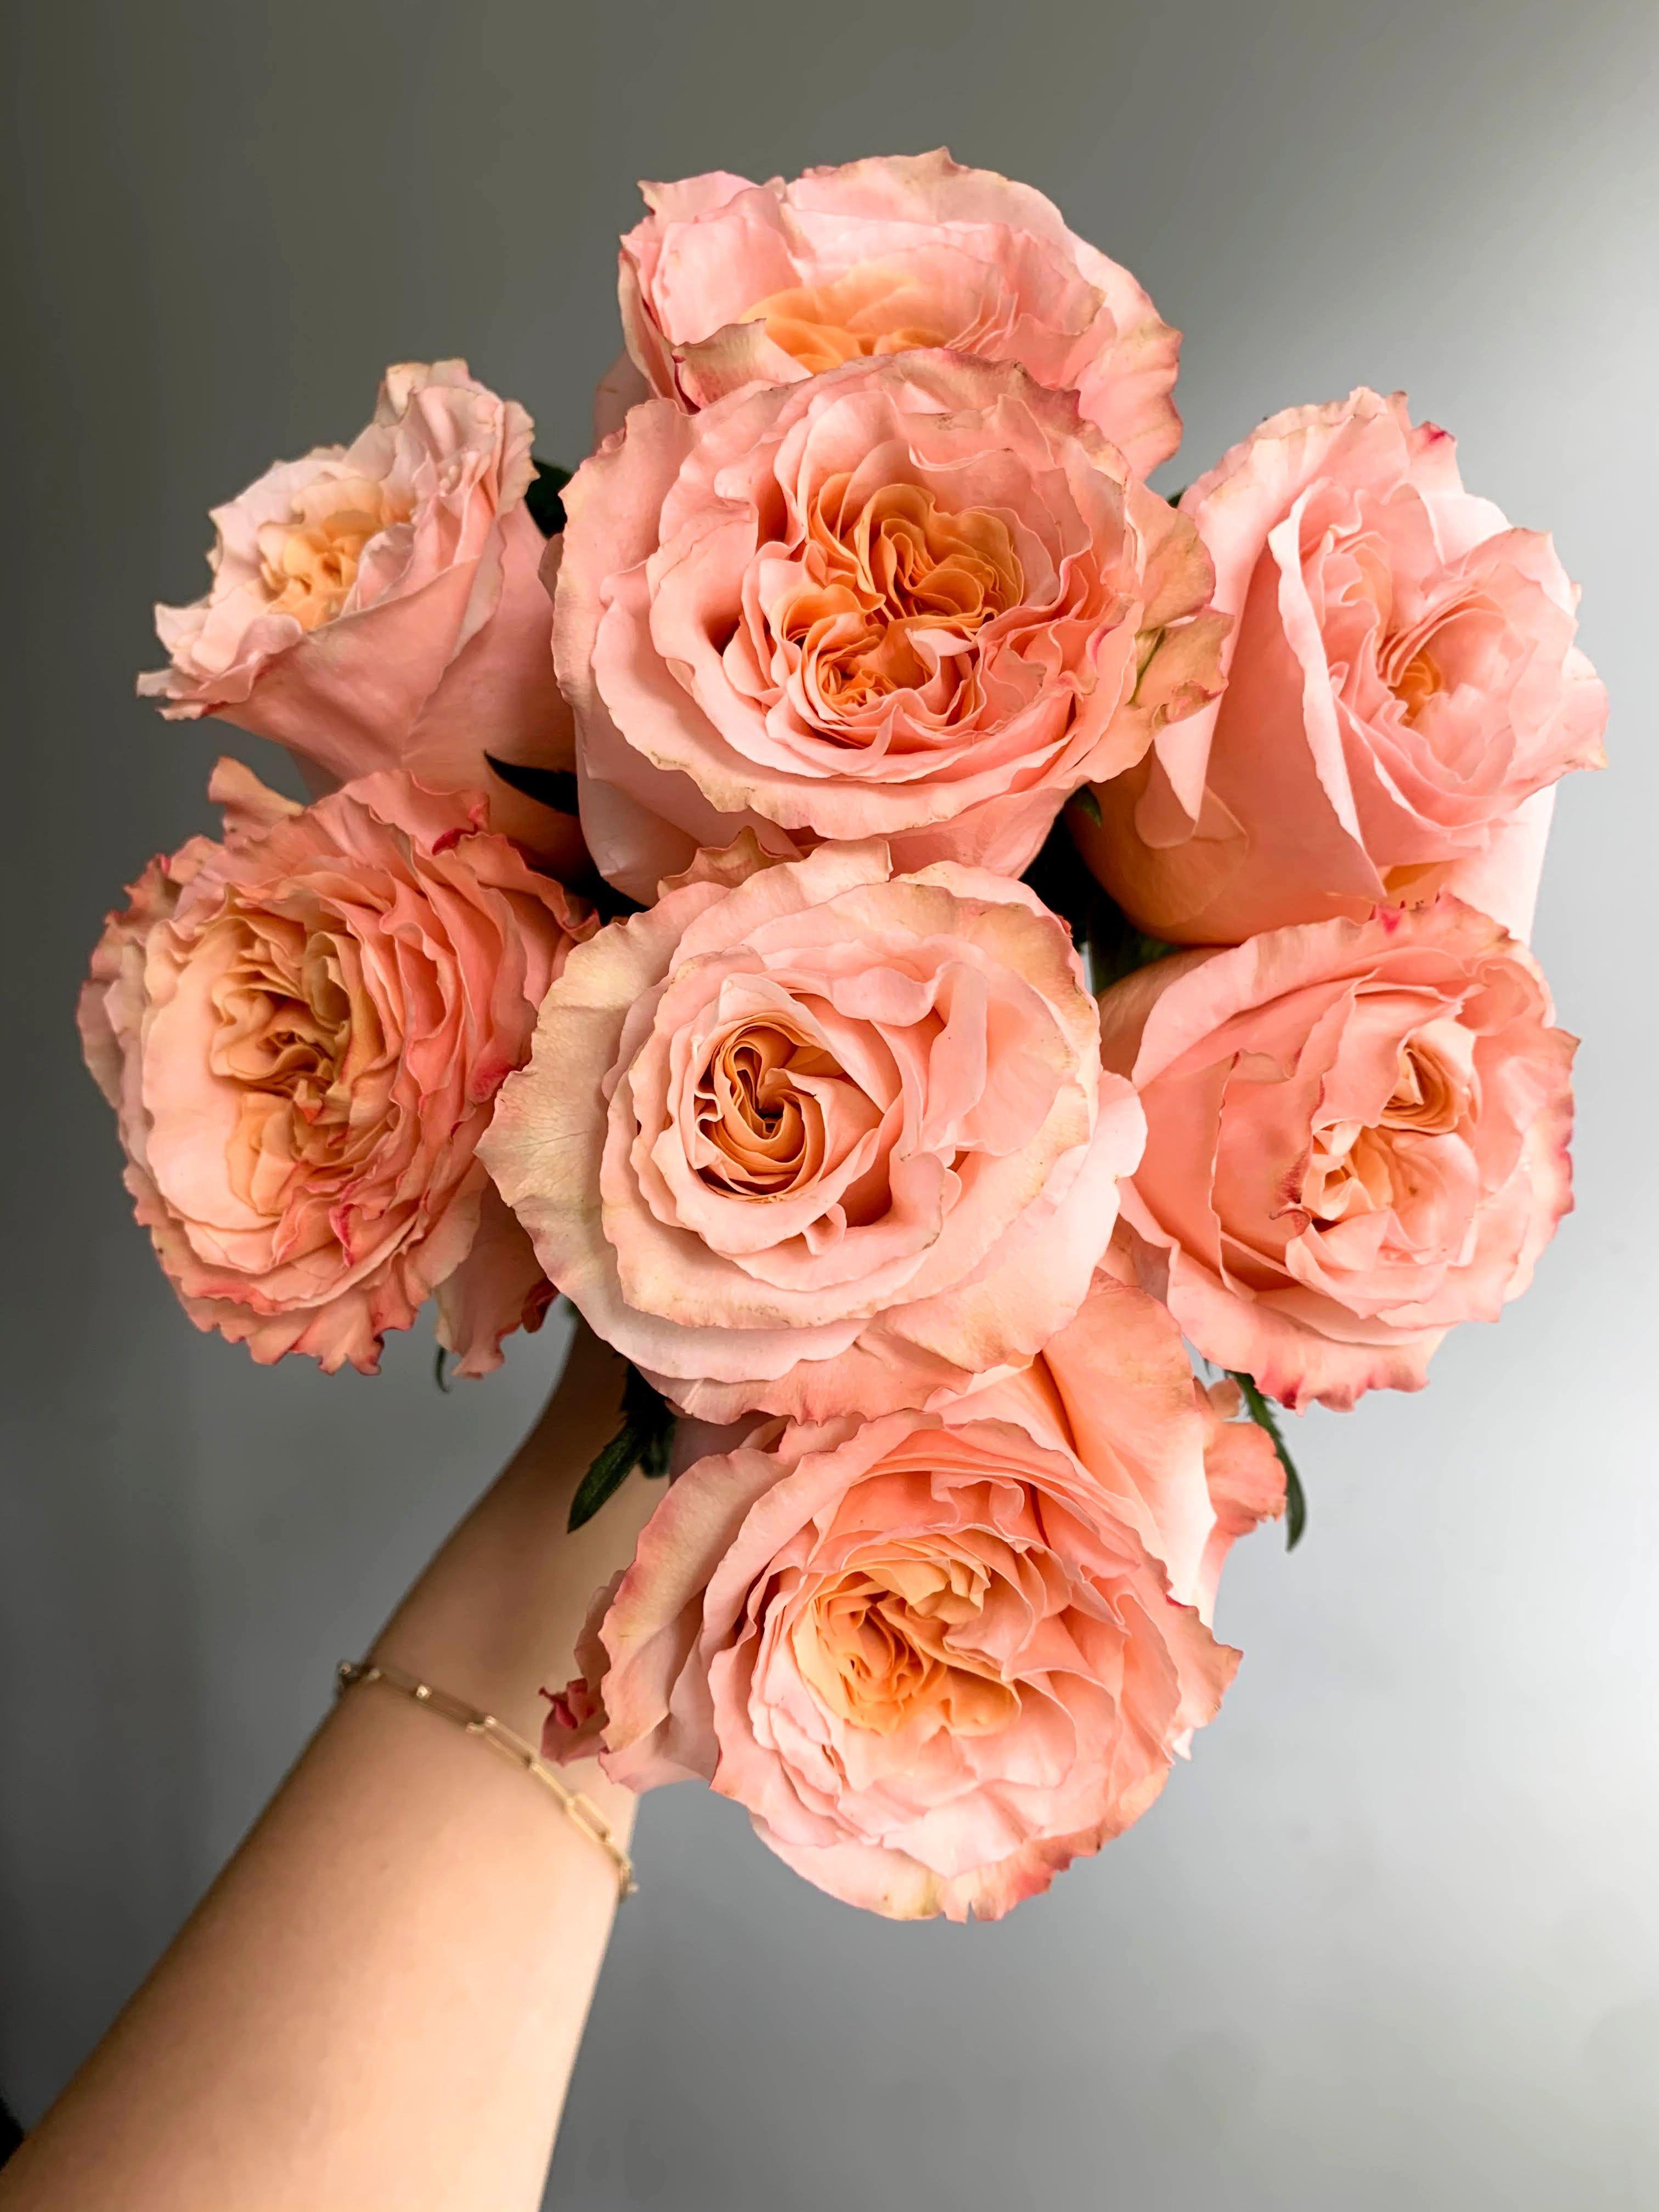 Shimmer Roses In 2021 Coral Flowers Floral Flower Arrangements